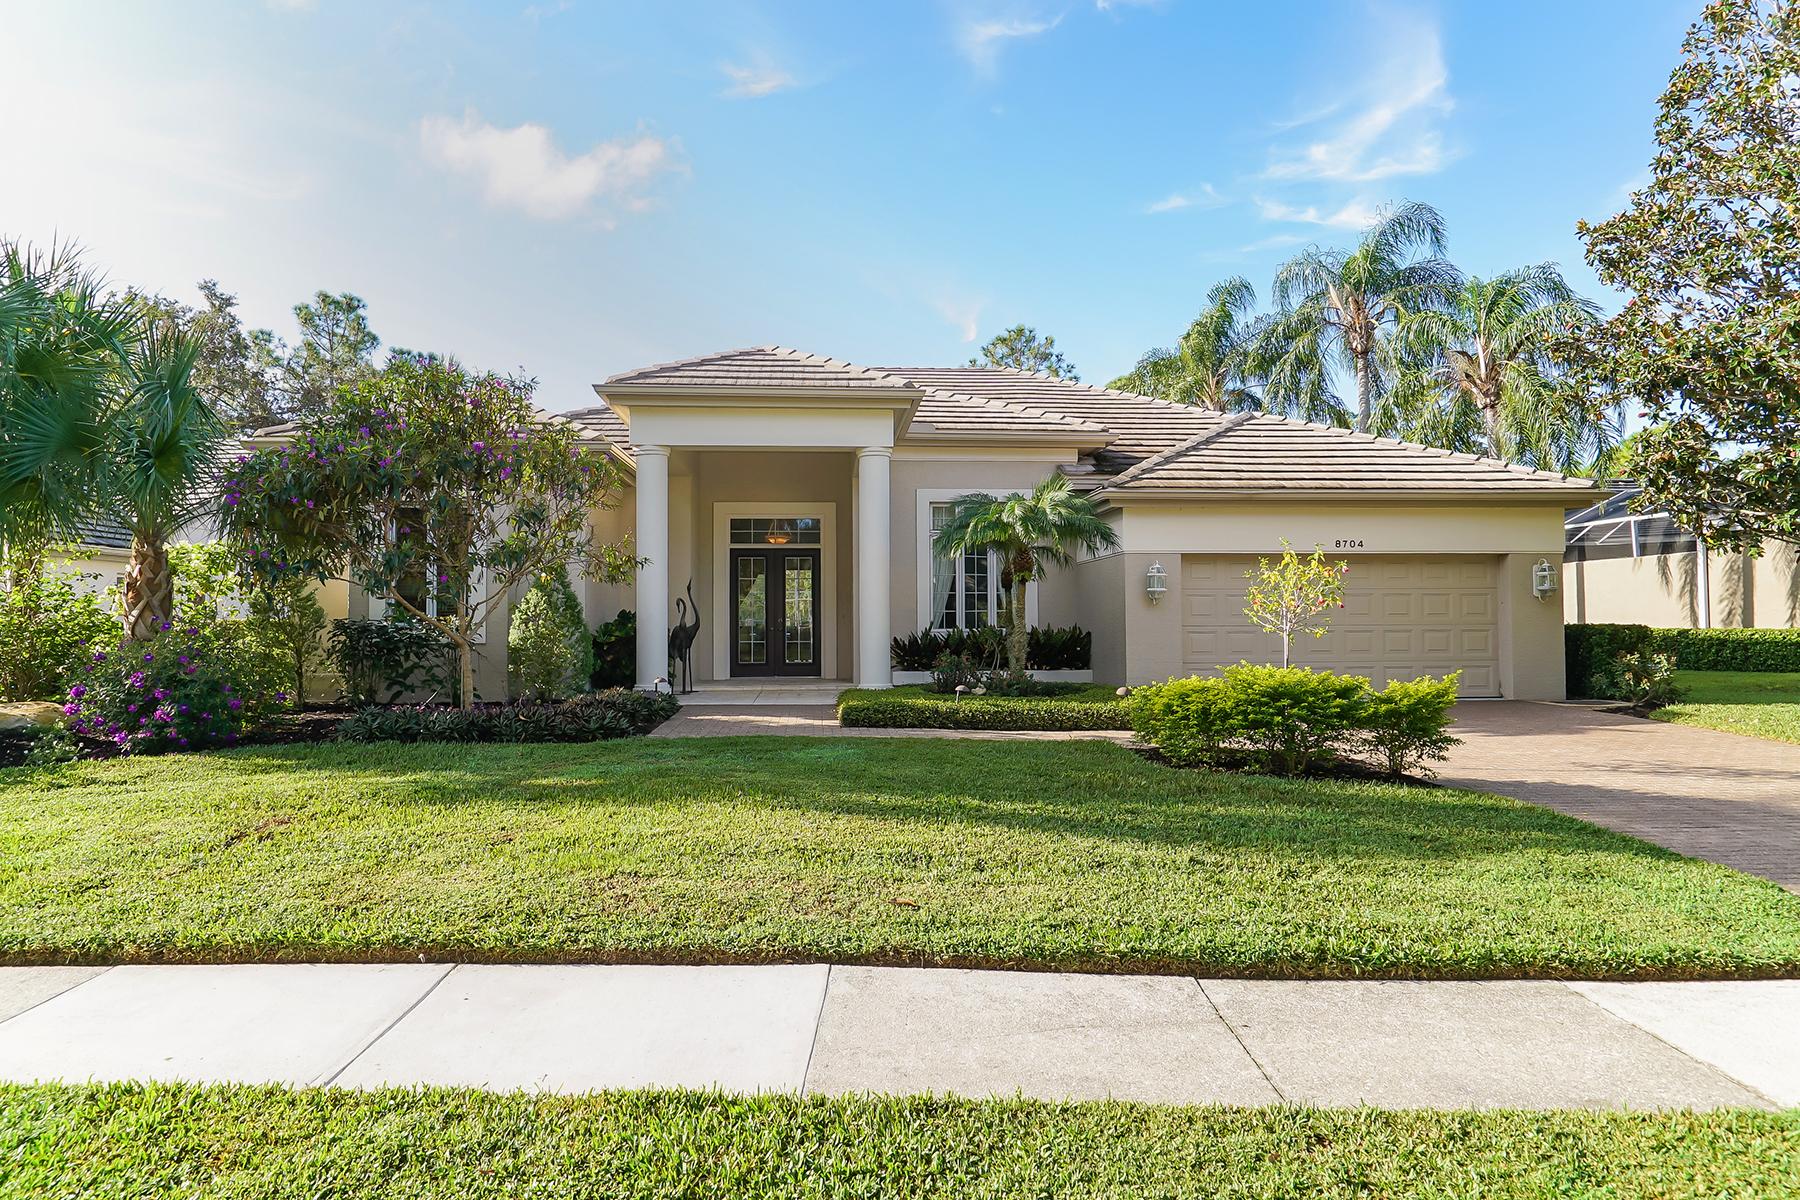 独户住宅 为 销售 在 ROSEDALE 8704 54th Ave E, 布雷登顿, 佛罗里达州, 34211 美国